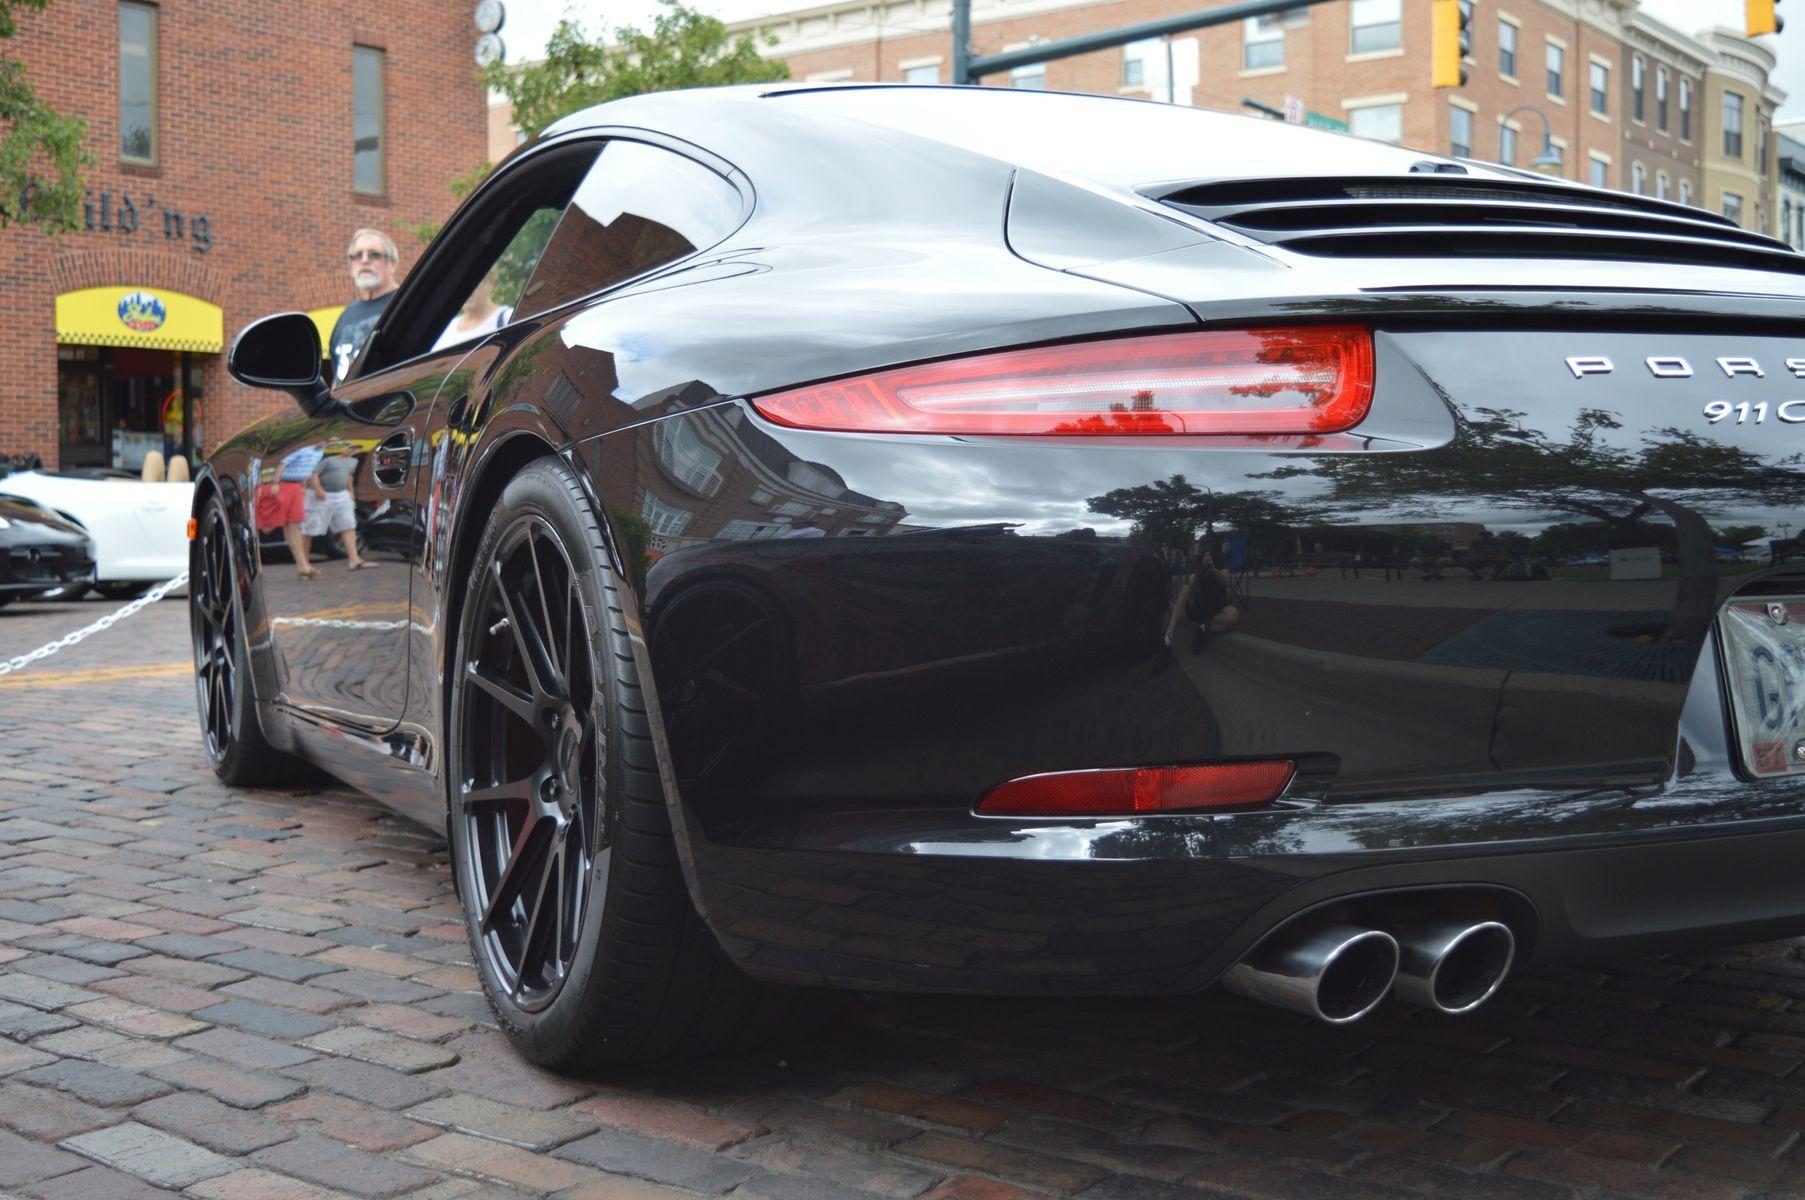 2012 Porsche 911 | Nicholas Kopp's Porsche 991 Carrera S on Forgeline One Piece Forged Monoblock GA1R Wheels